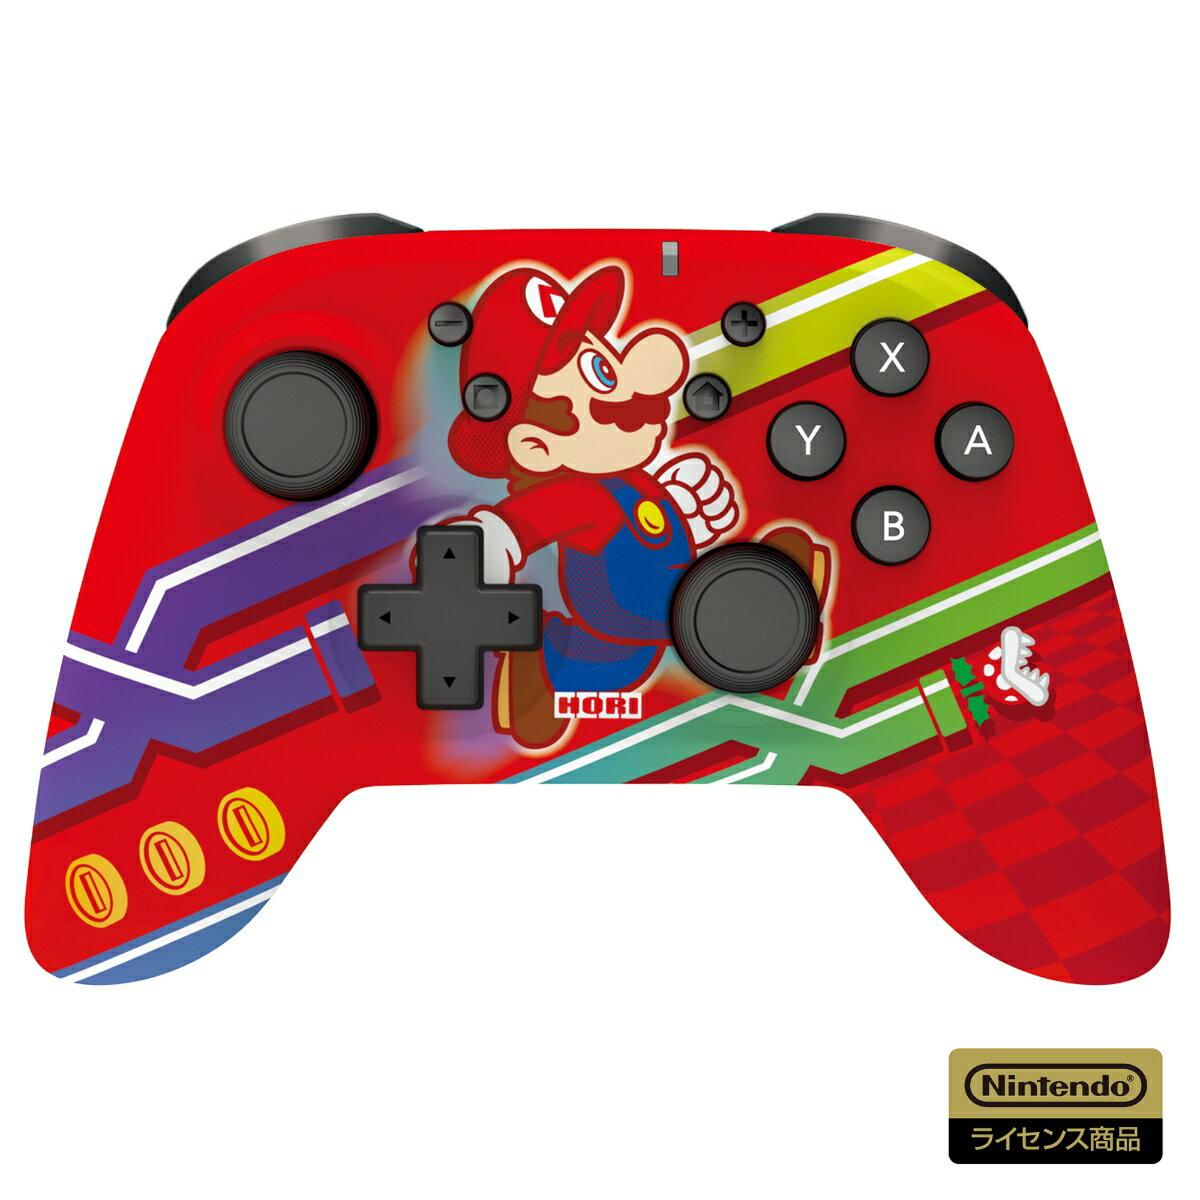 ワイヤレスホリパッド for Nintendo Switch スーパーマリオ エディション